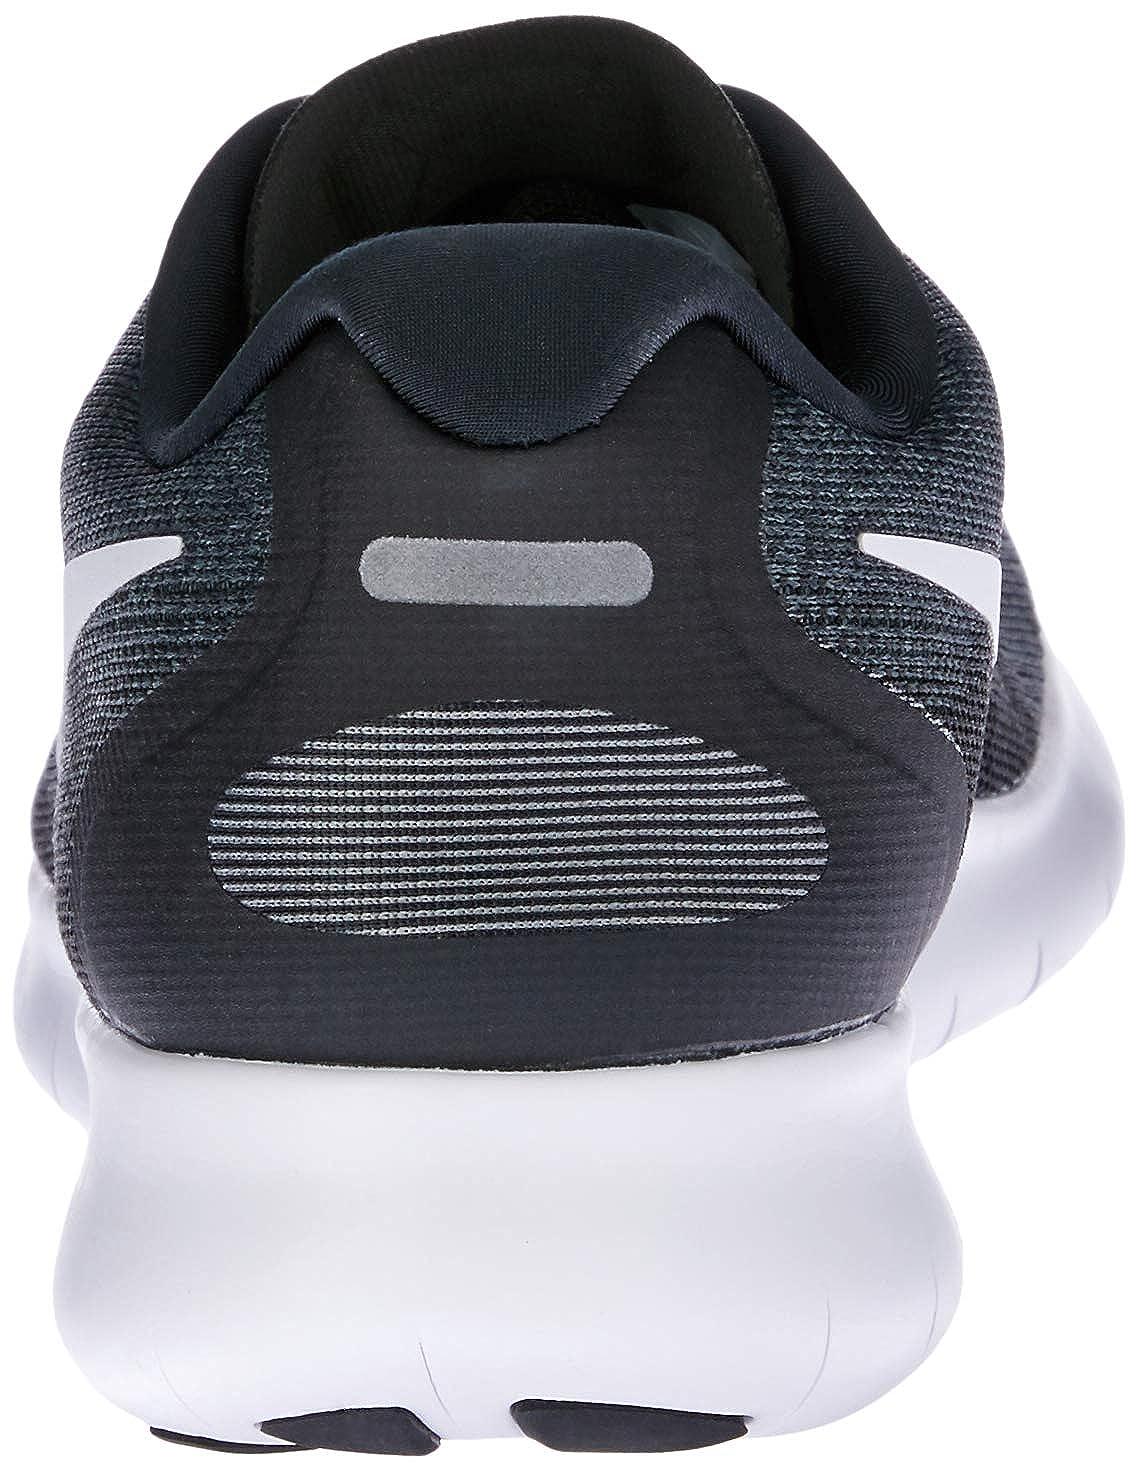 new product eb6f9 24b63 Nike Wmns Free Rn , Zapatillas Deportivas De Interior Mujer  Amazon.es  Zapatos  y complementos